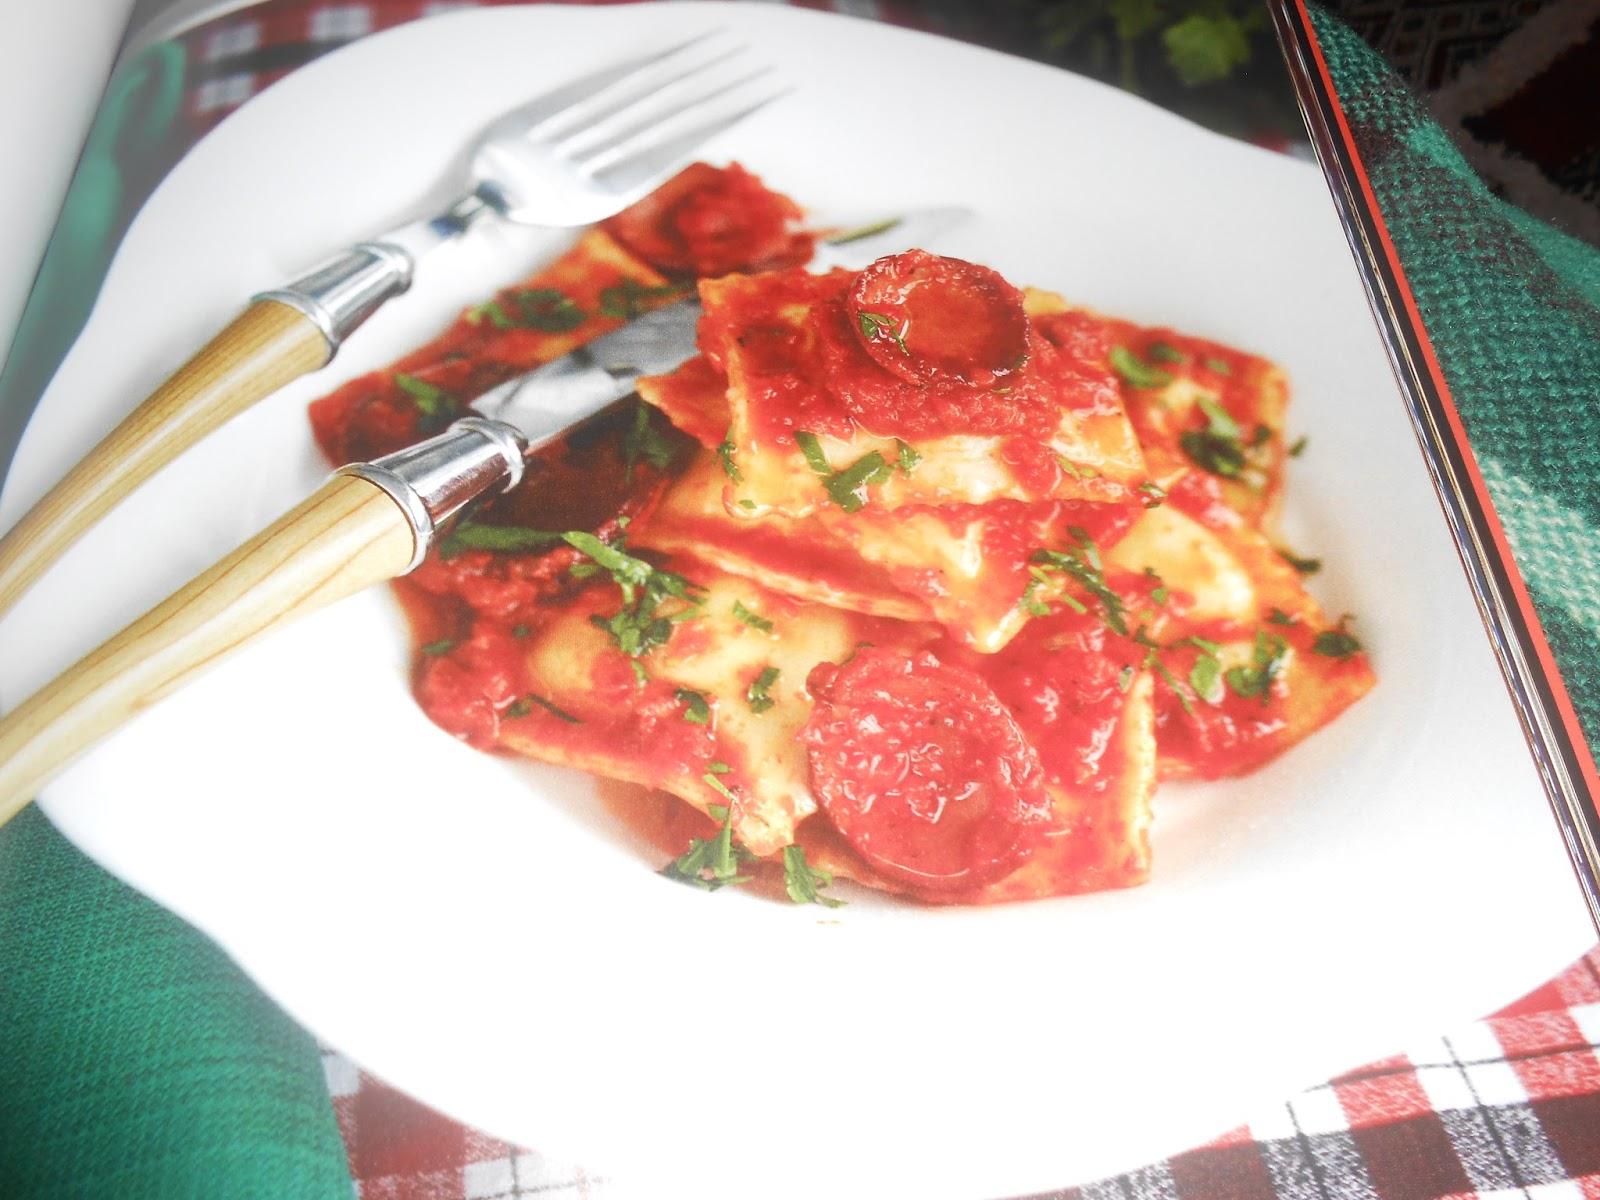 Le chef pierre d 39 iberville chorizo poivrons grill s sauces pour p tes - Sauce pour crustaces grilles ...